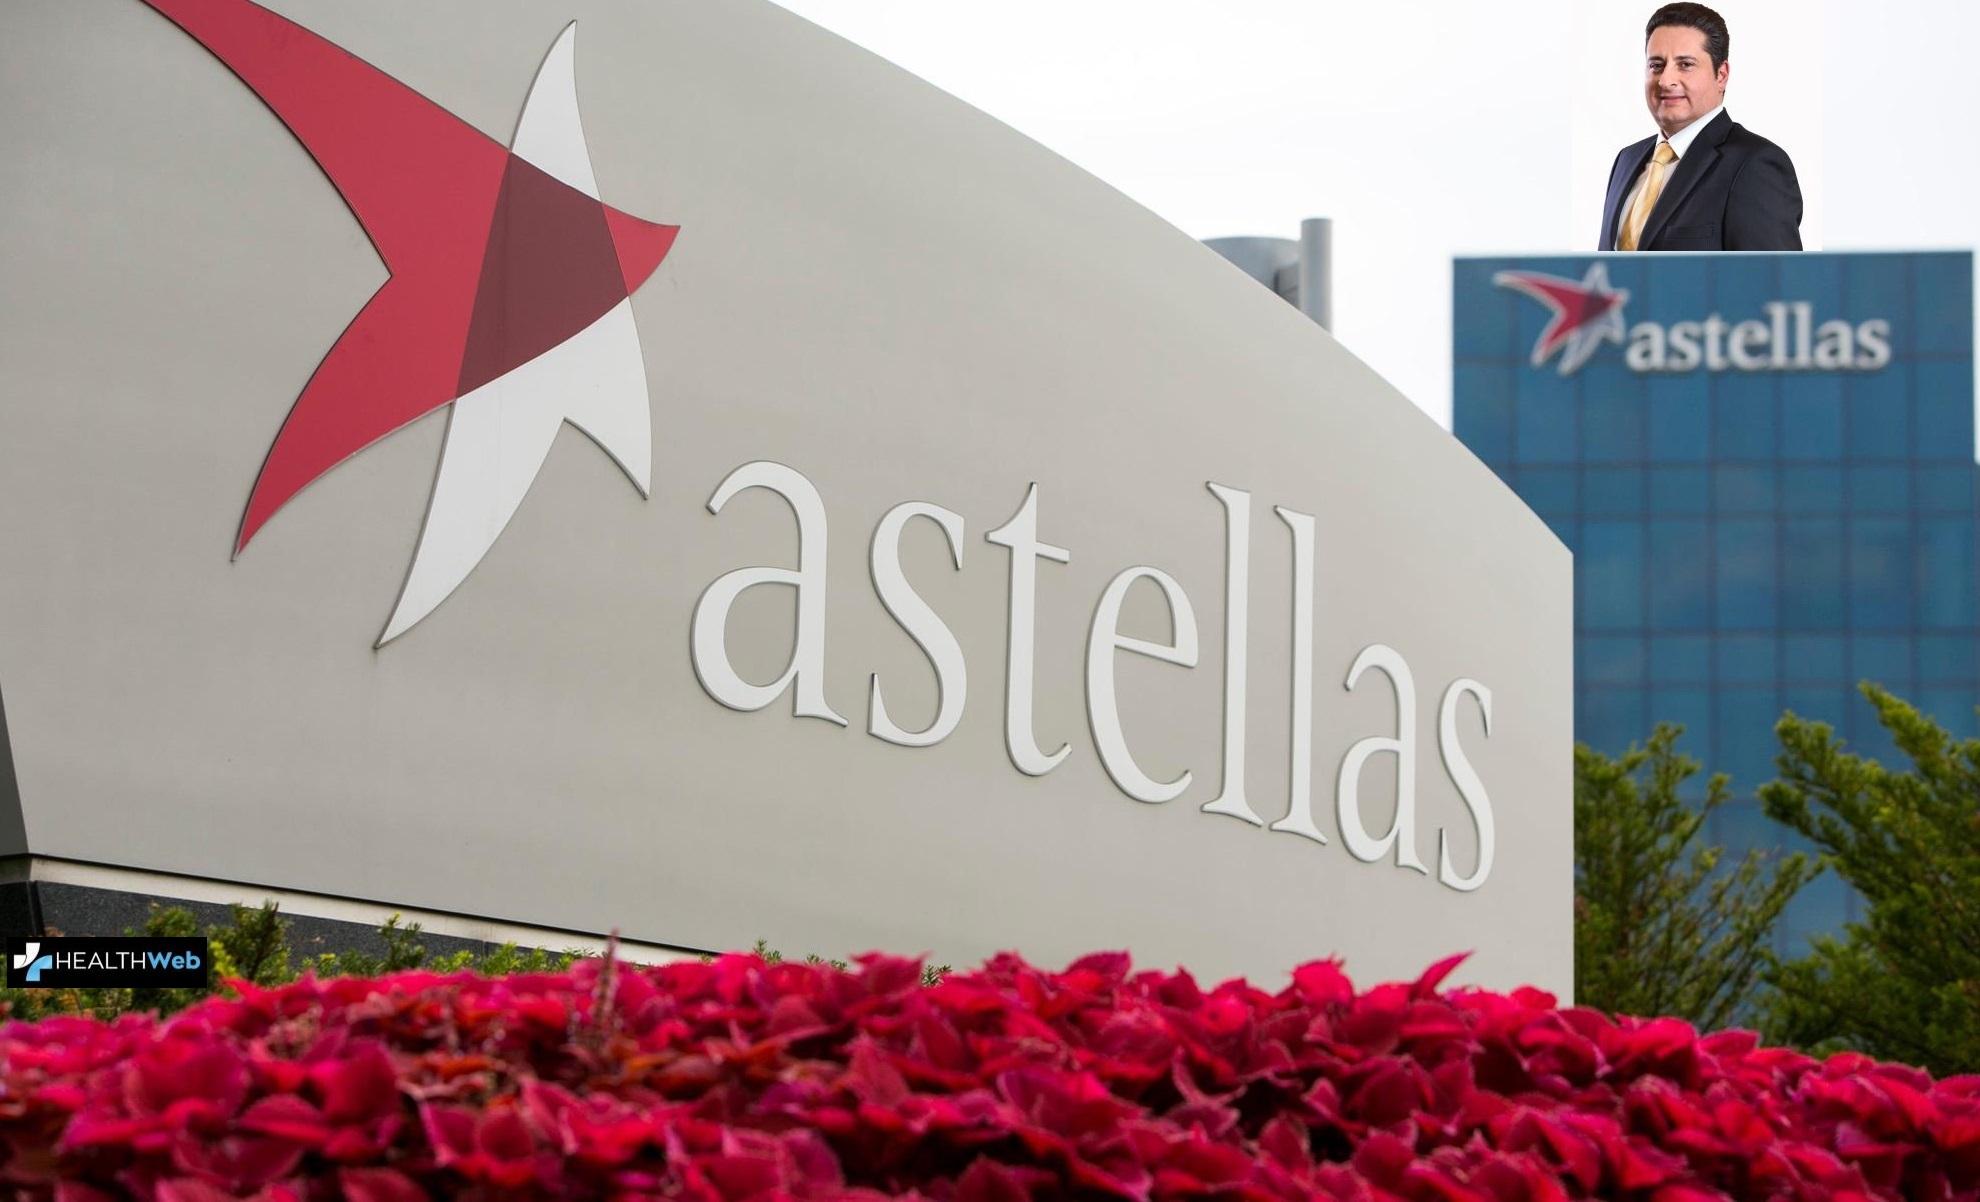 Astellas: Προσφέρει στο Υπουργείο Υγείας υγειονομικό εξοπλισμό